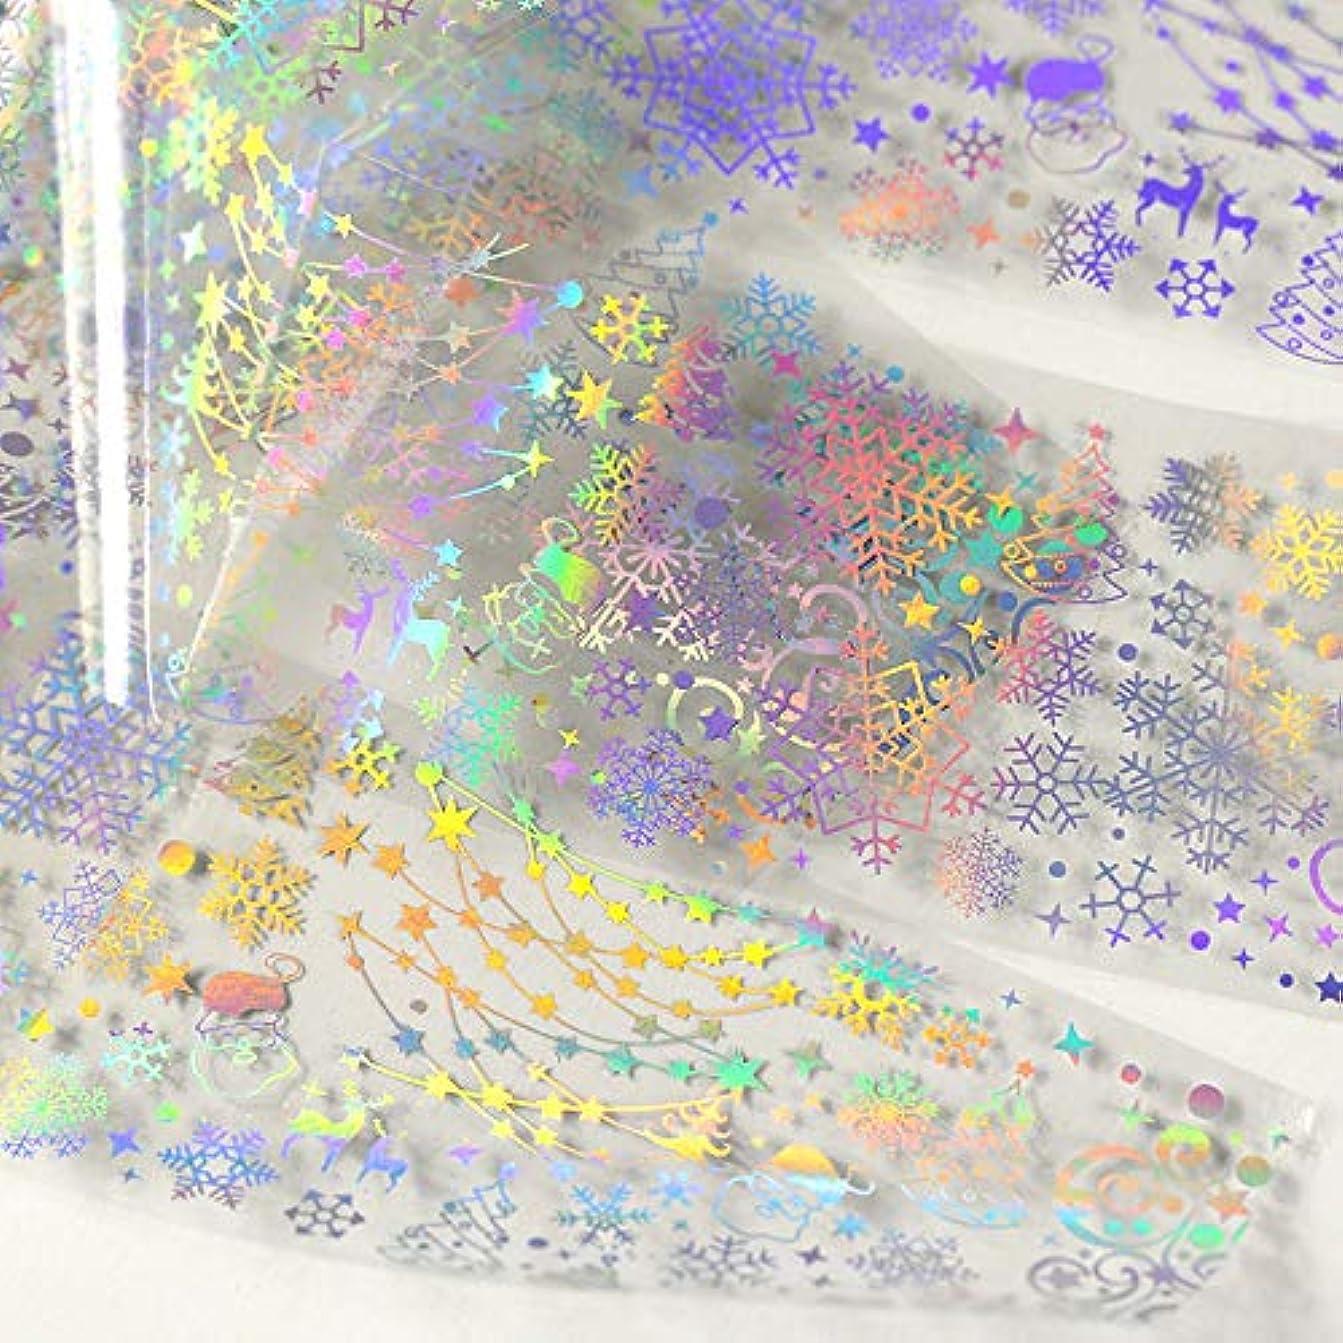 悪化するスプリット練るメジャーデザインネイルアート箔ステッカー転写デカールのヒントマニキュアDIY (C)